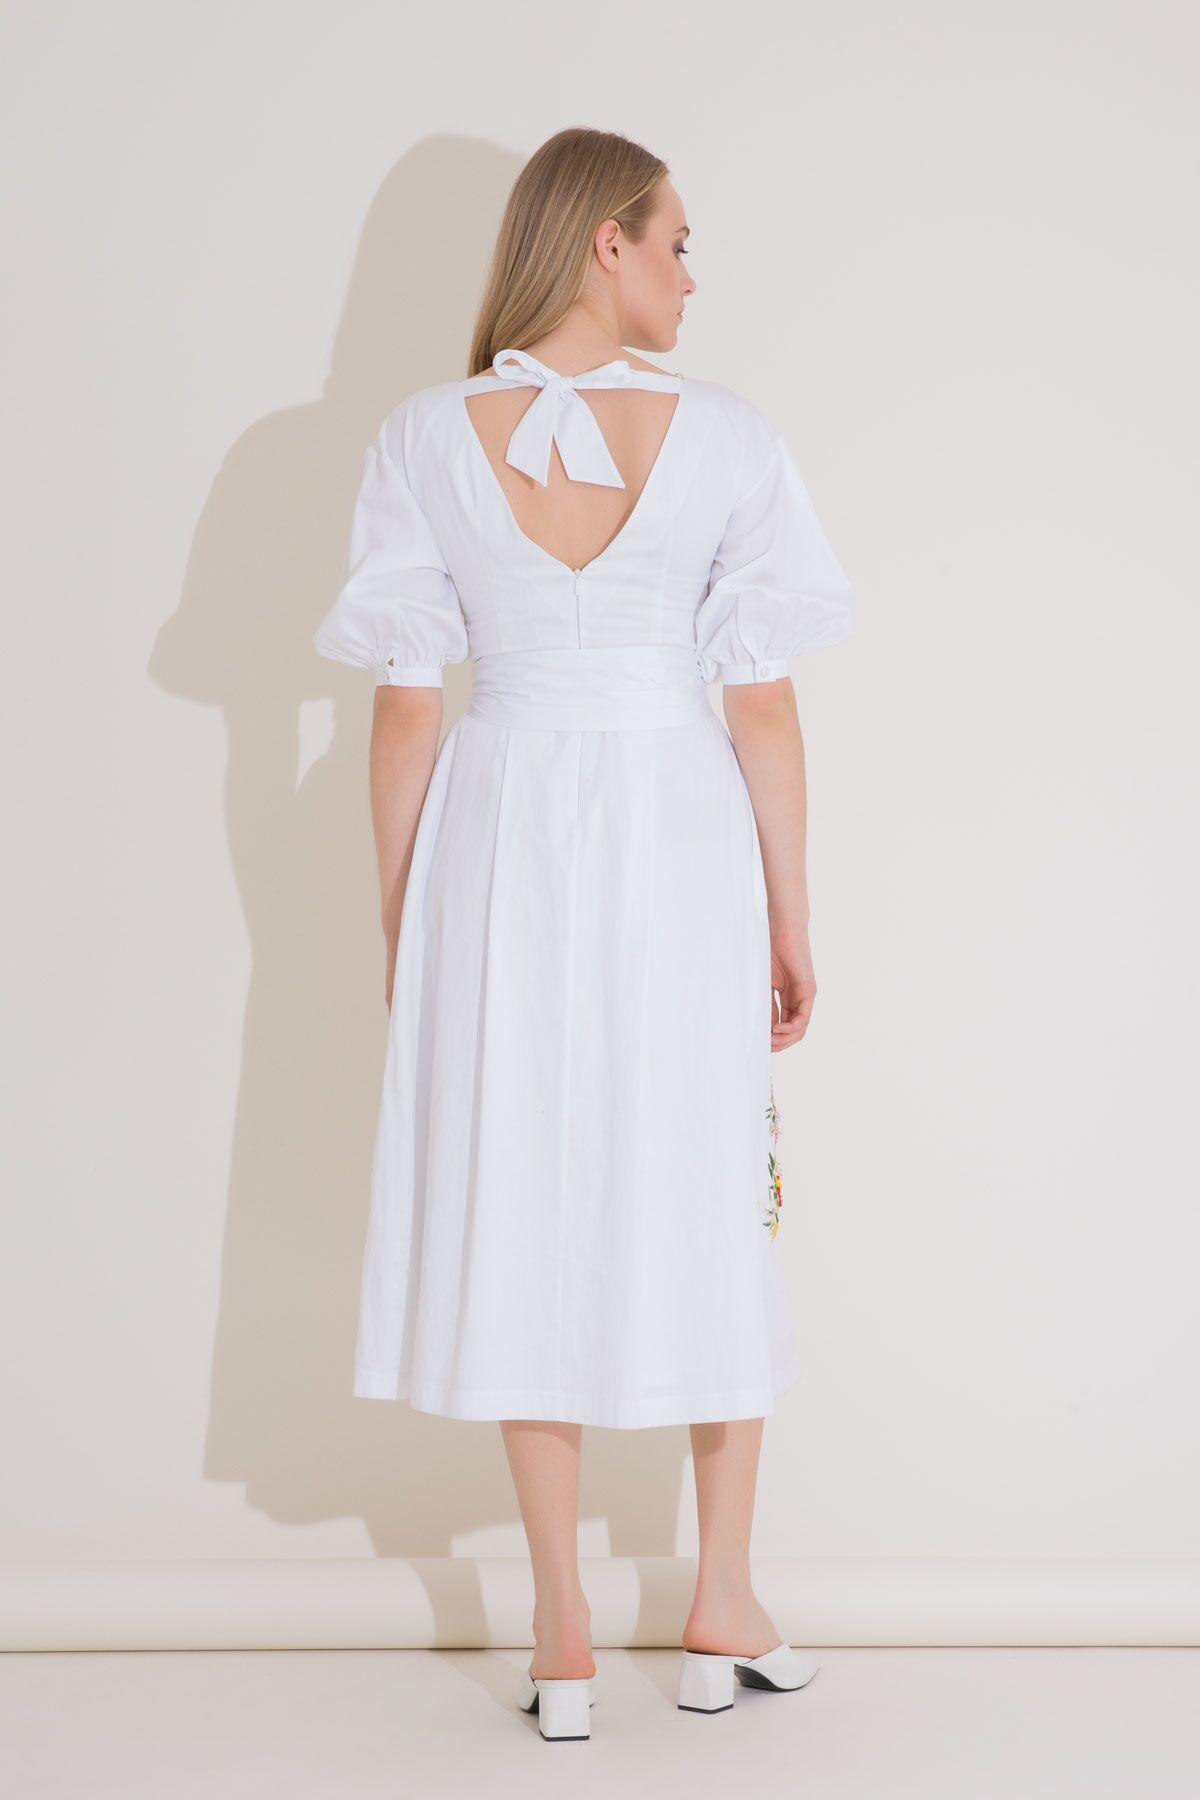 Embroidery Detailed White Midi Dress